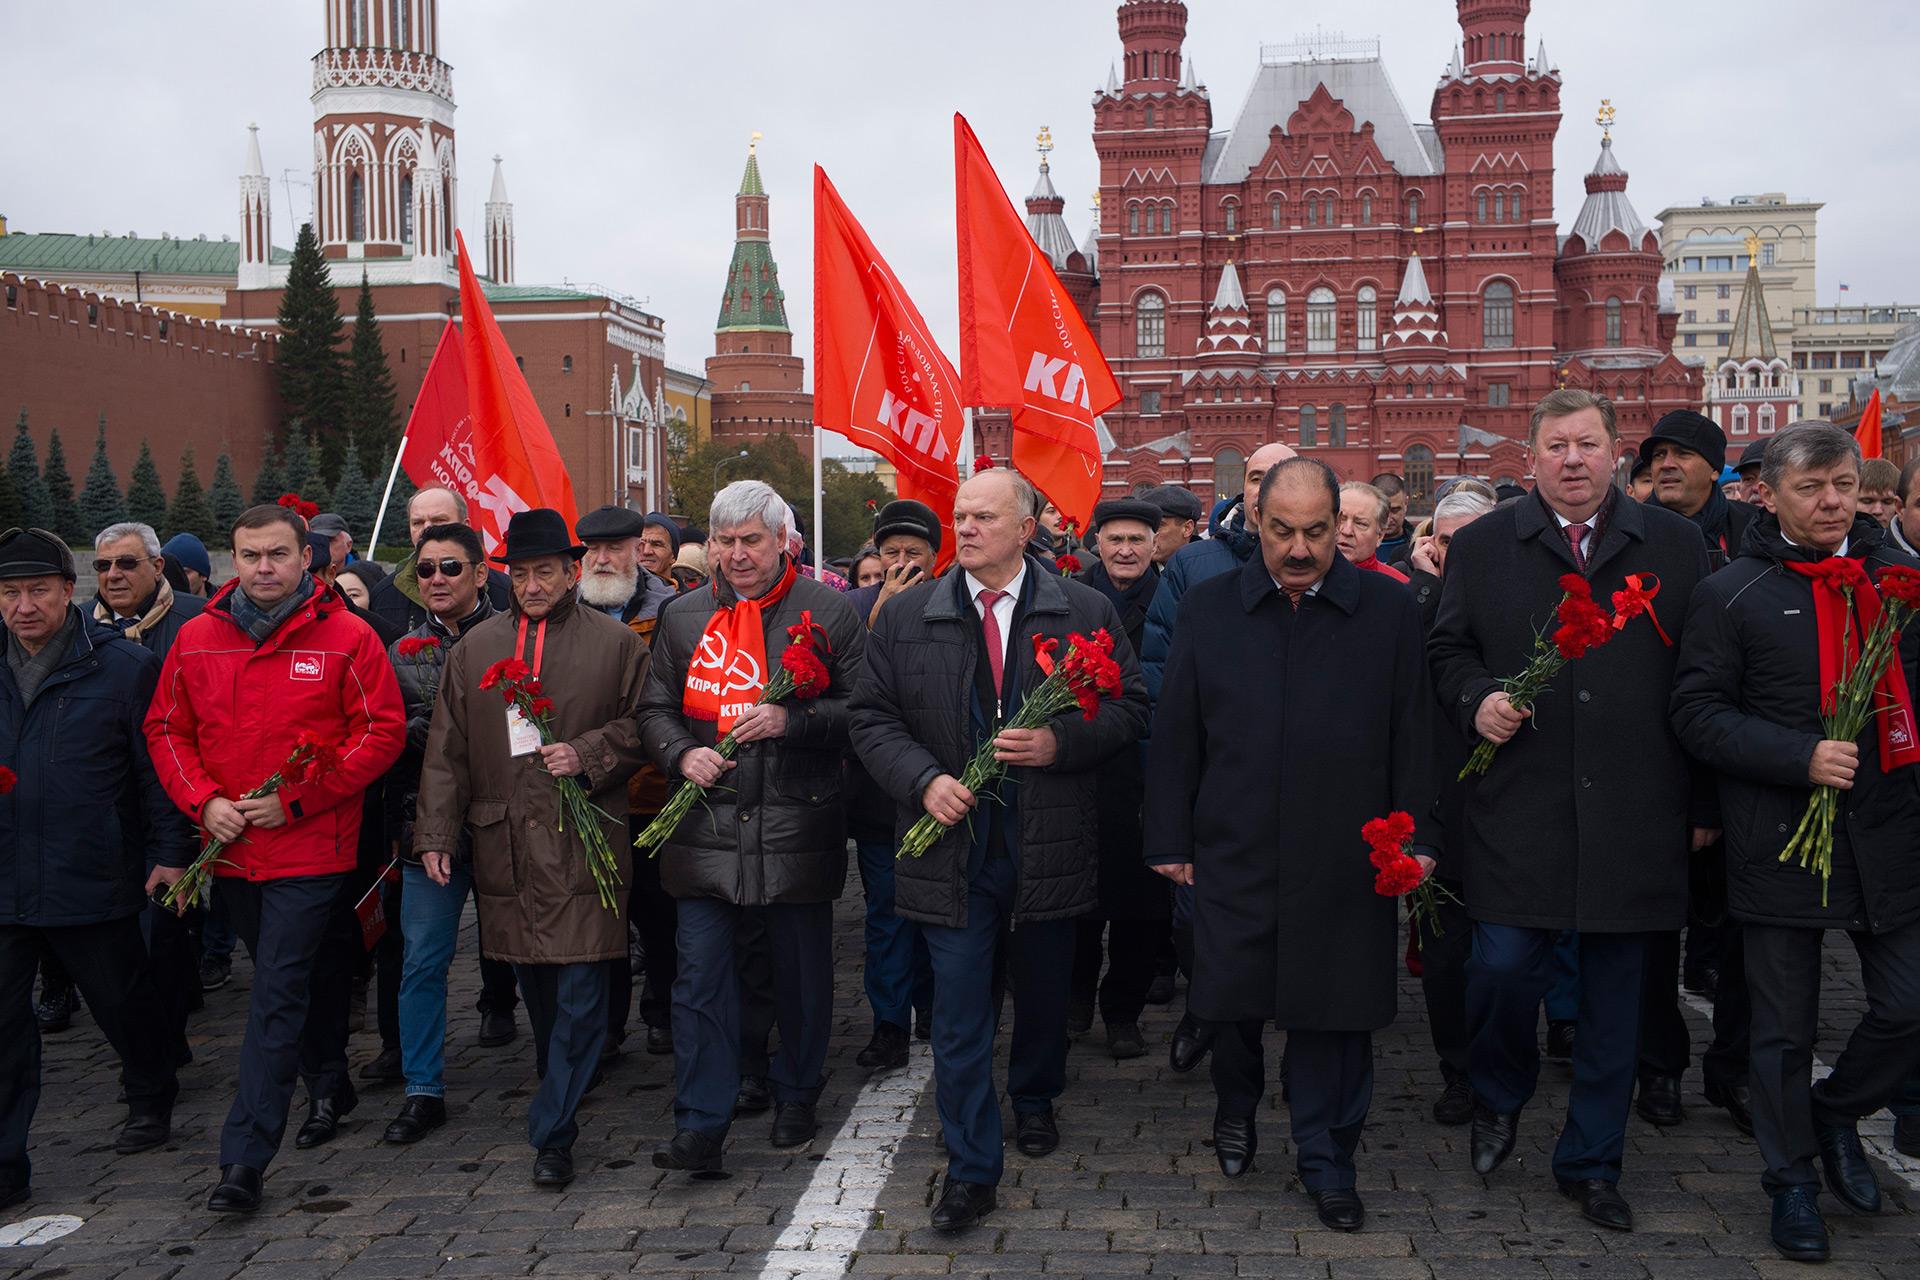 En los festejos predomina el rojo, color de las fuerzas comunistas (AP)